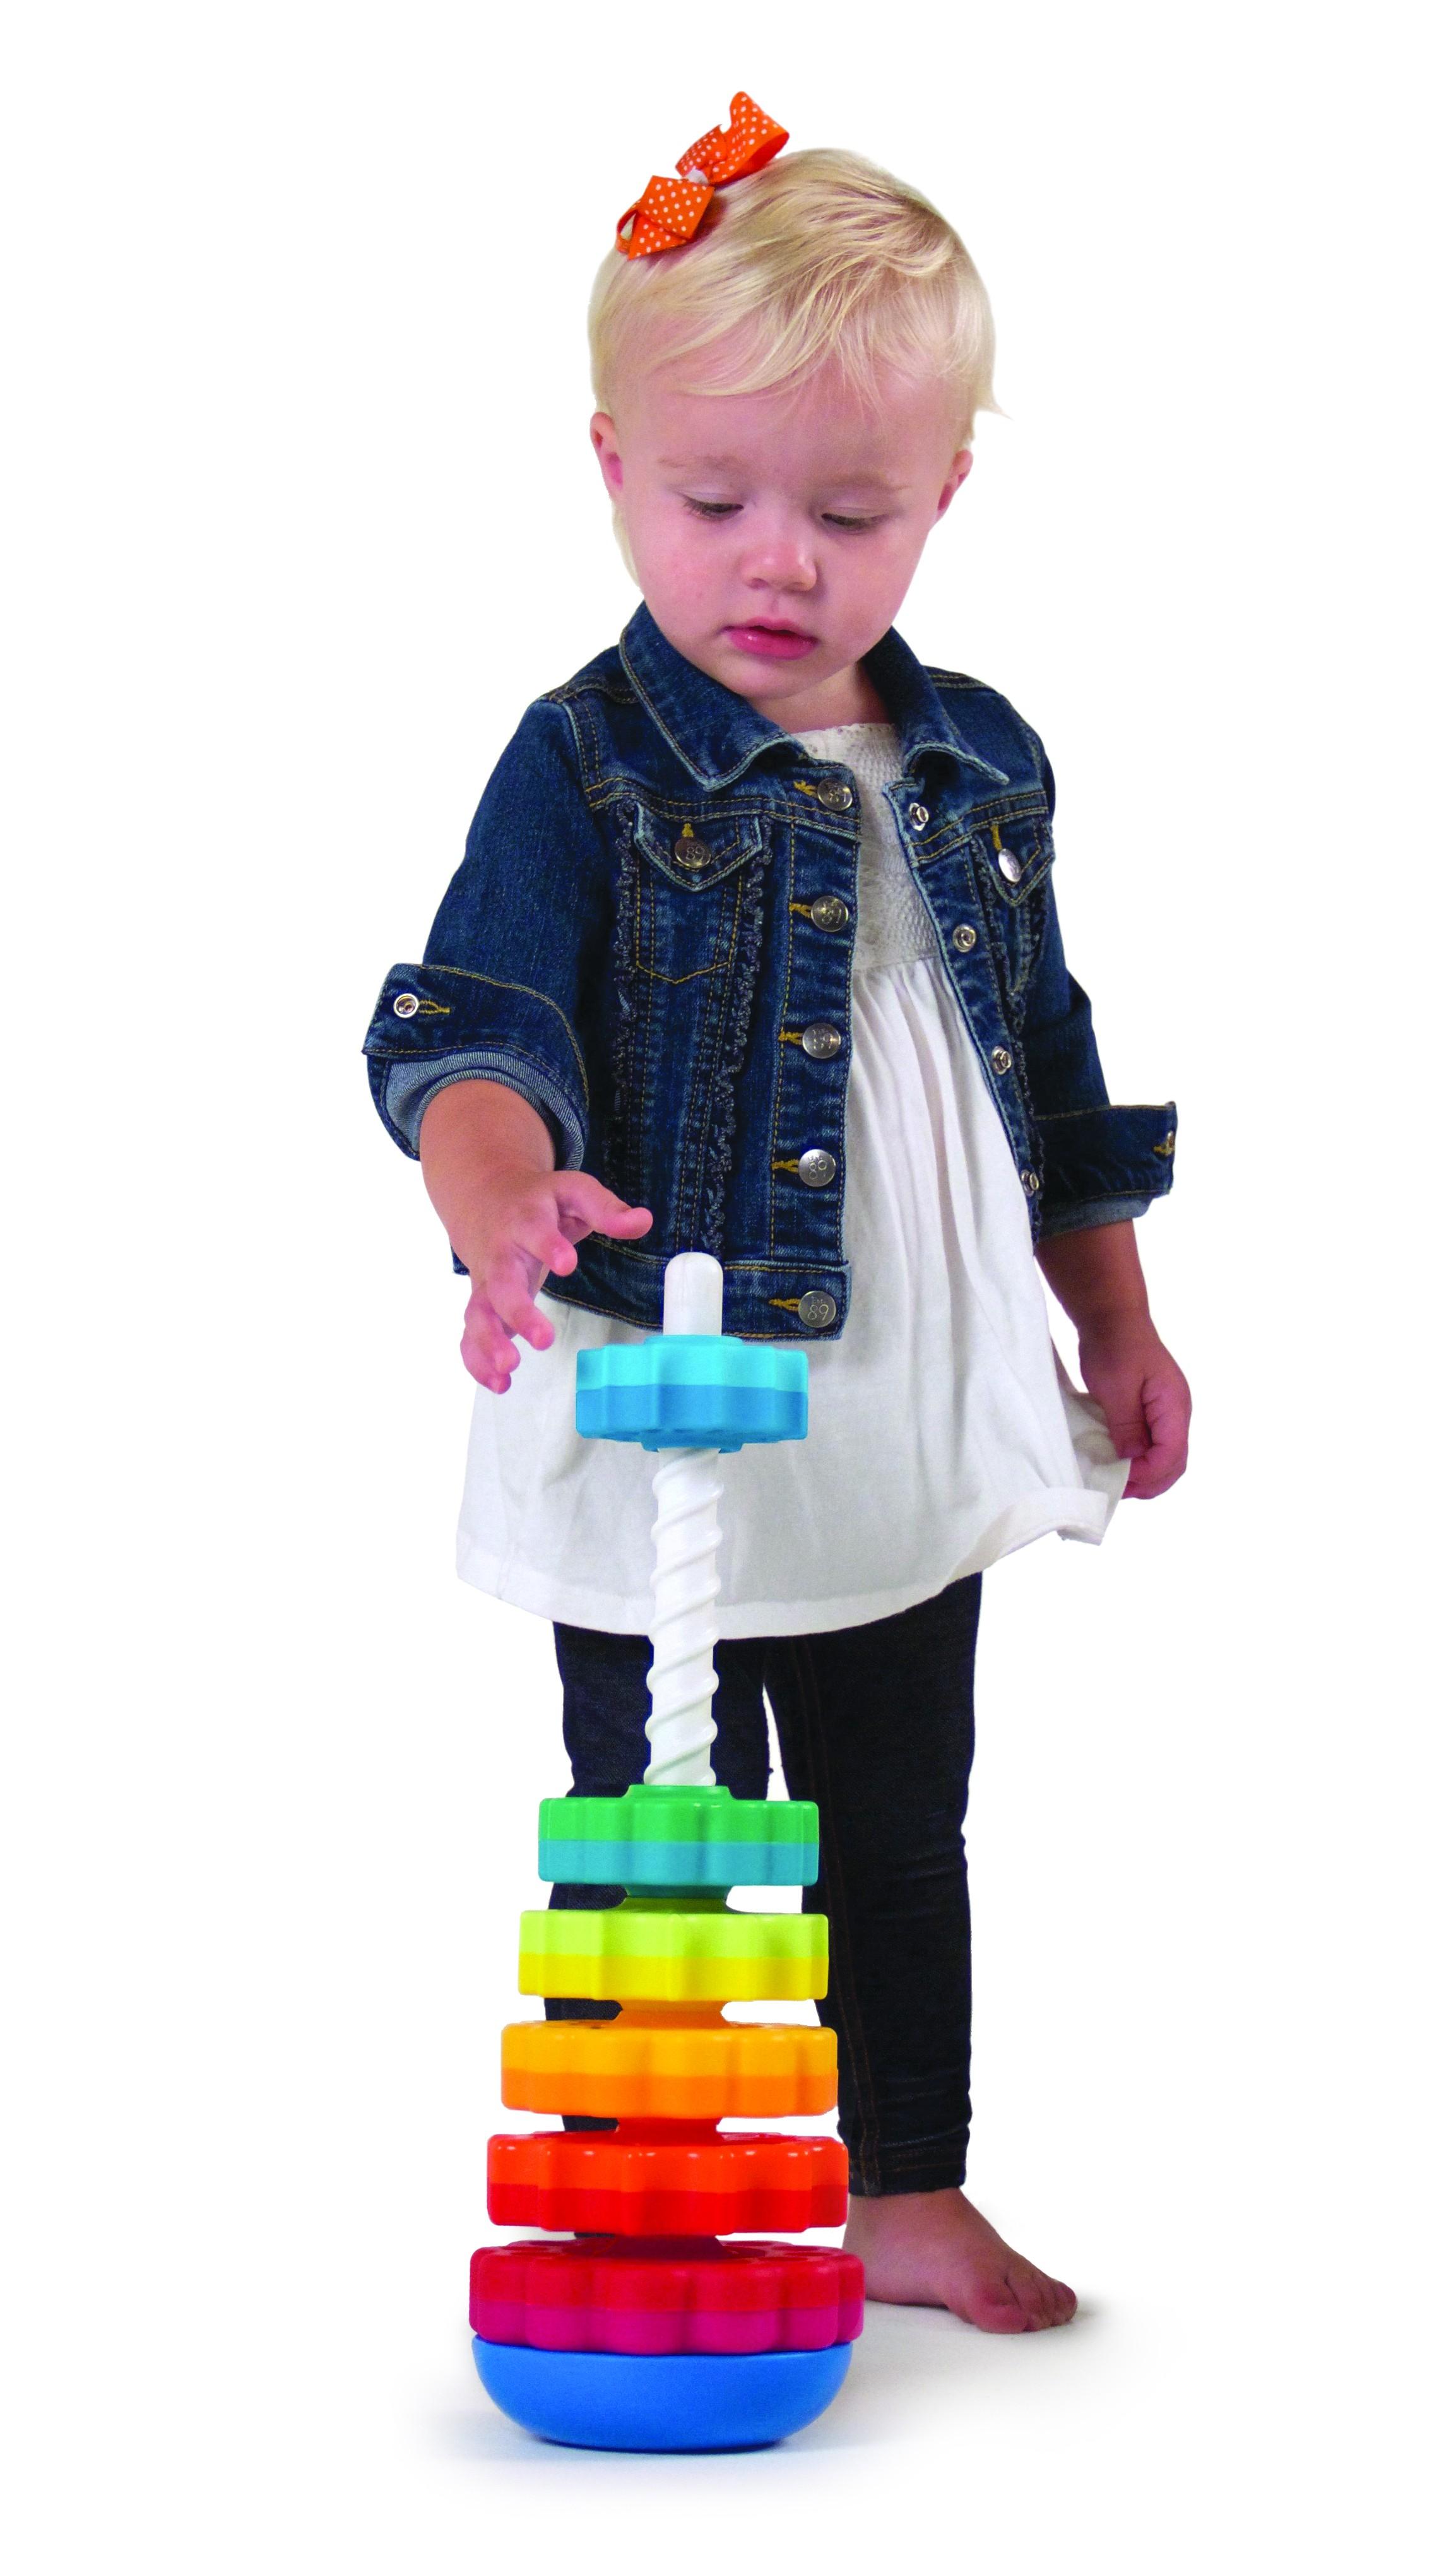 Piramida cu rotite pentru bebelusi - Fat Brain Toys9